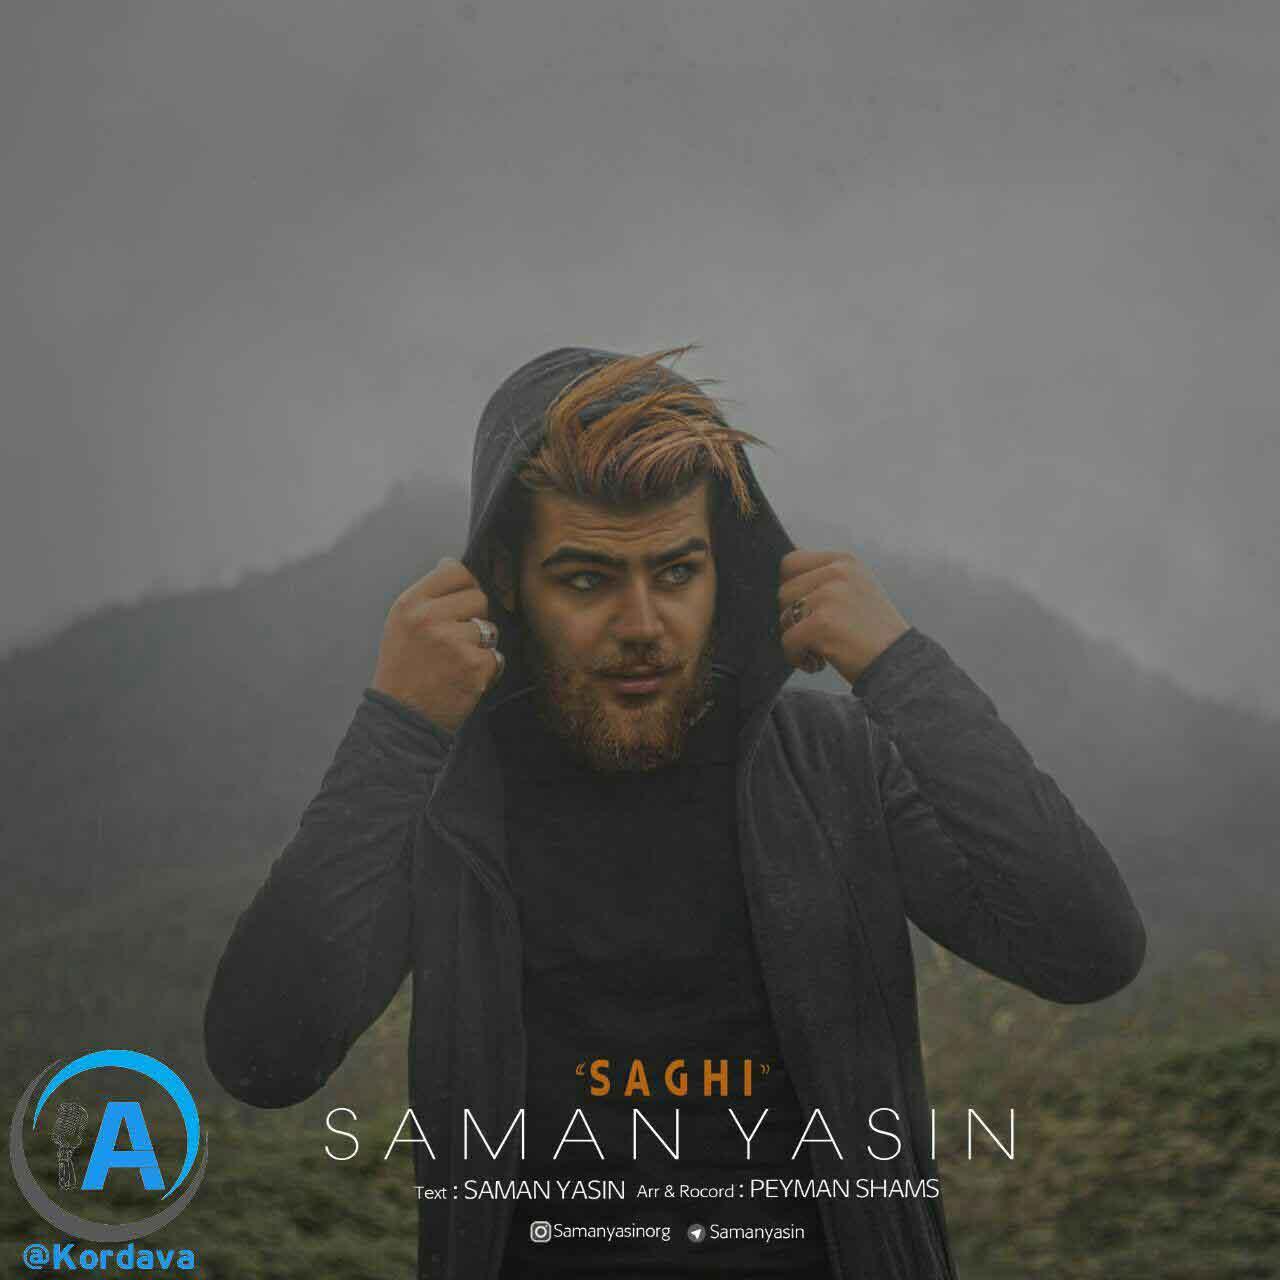 دانلود آهنگ جدید سامان یاسین به نام ساقی